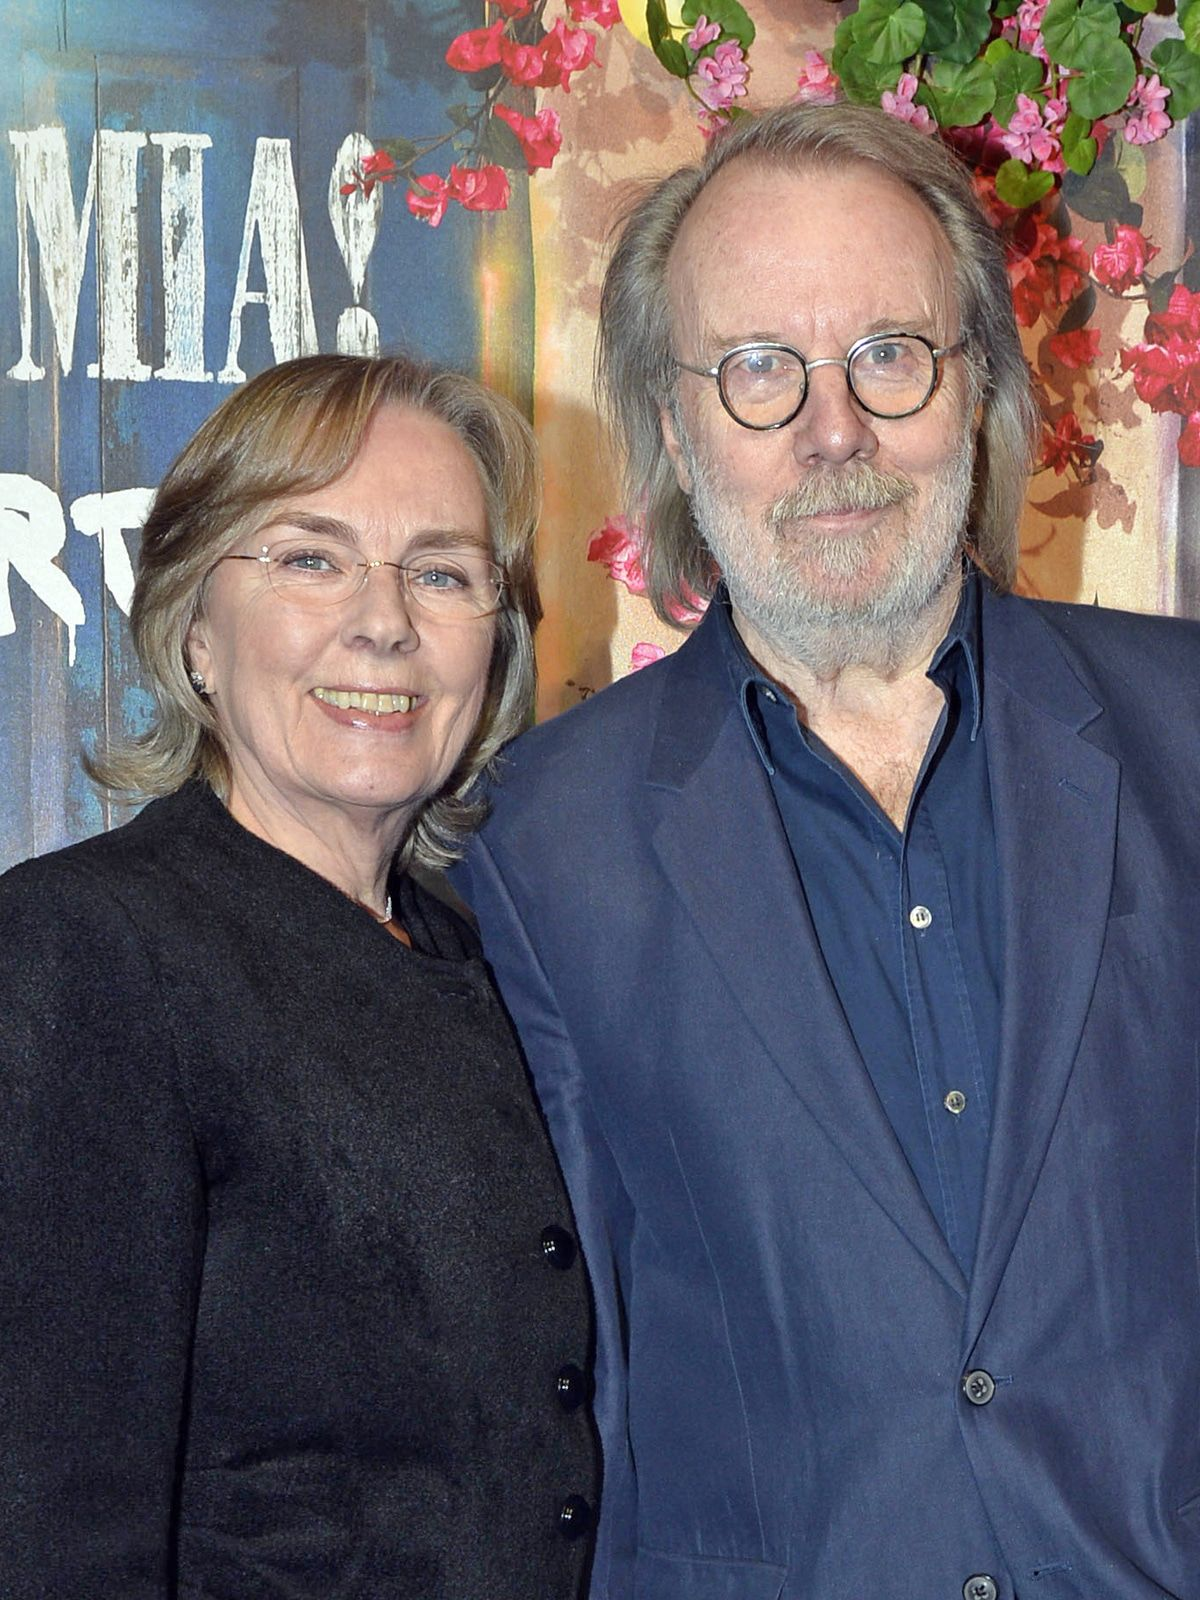 ABBA: Das sind die neuen Partner des erfolgreichsten Popquartetts aller Zeiten